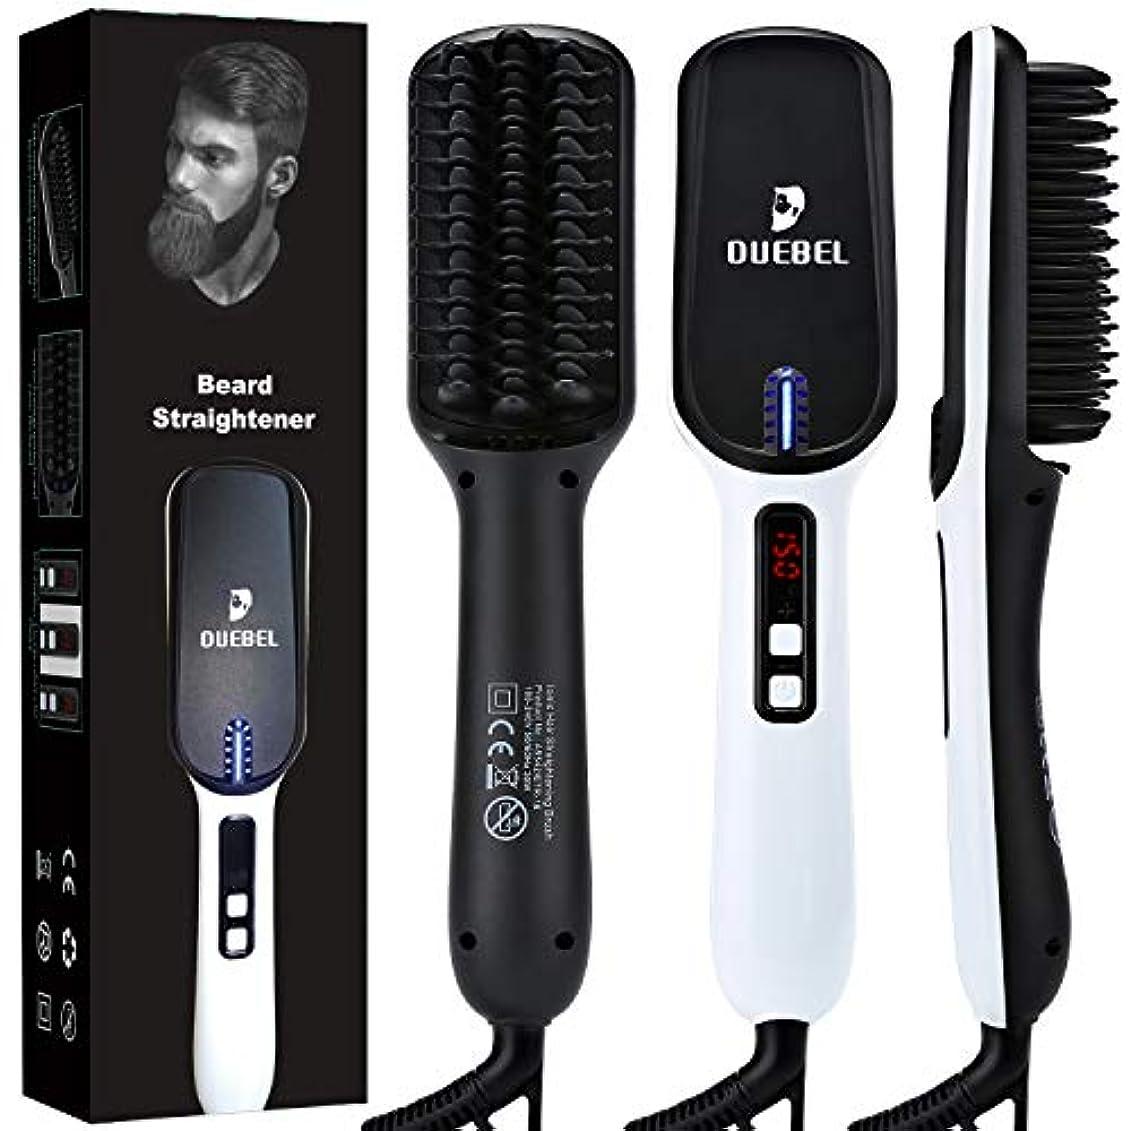 探検に応じて引くDUEBELひげ矯正加熱されたひげのくしアンチスケーリングひげのくし電気加熱されたくし毛矯正ブラシ男性用女性用